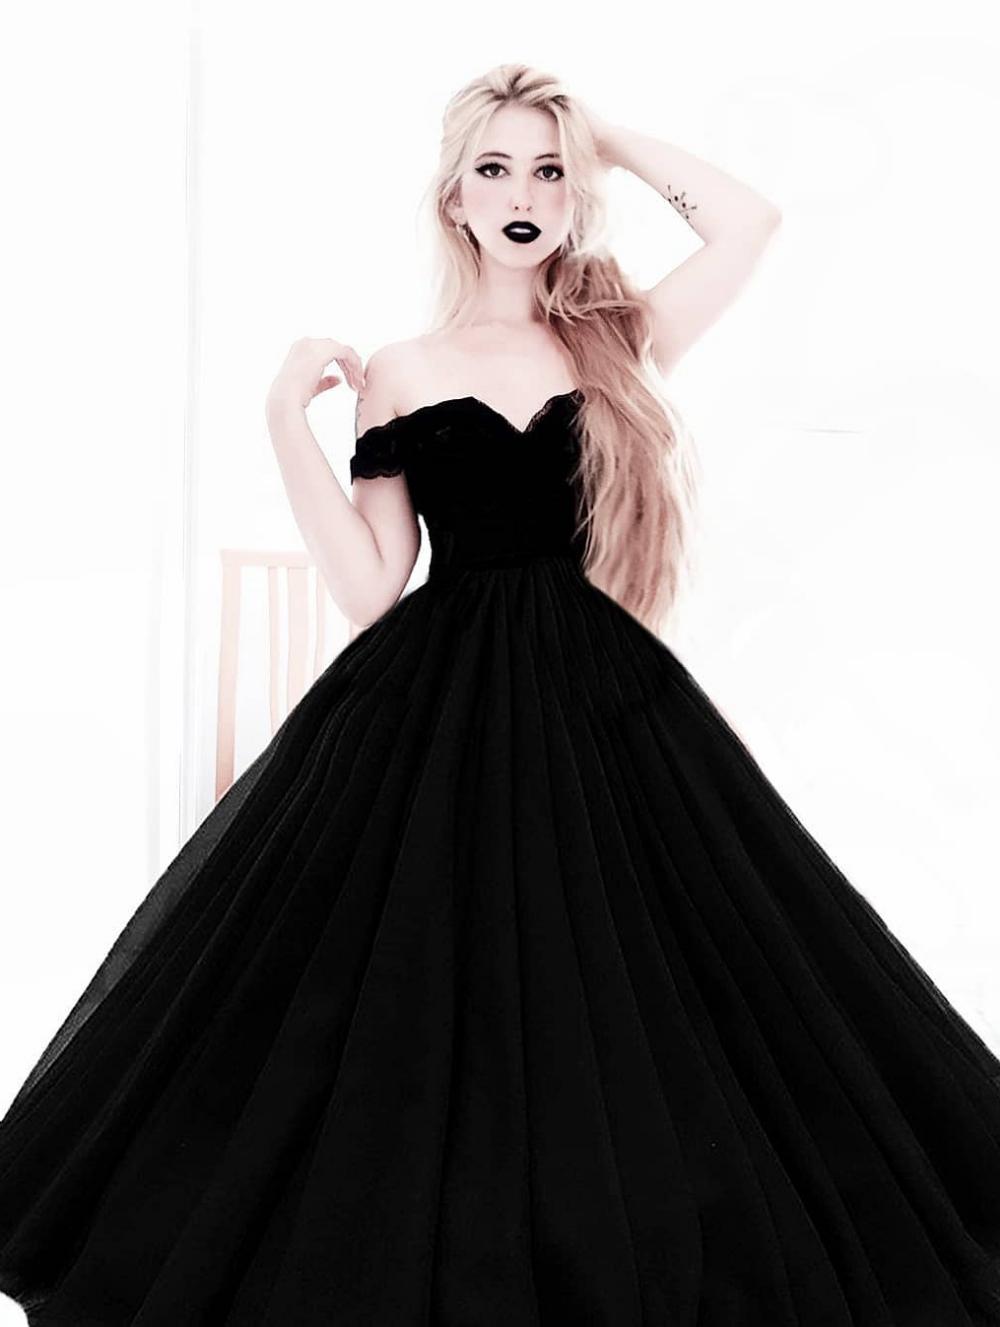 Black Gothic Princess Ball Gown Wedding Dress 2020 Siyah Gelinlik Balo Elbisesi Alternatif Gelinlik